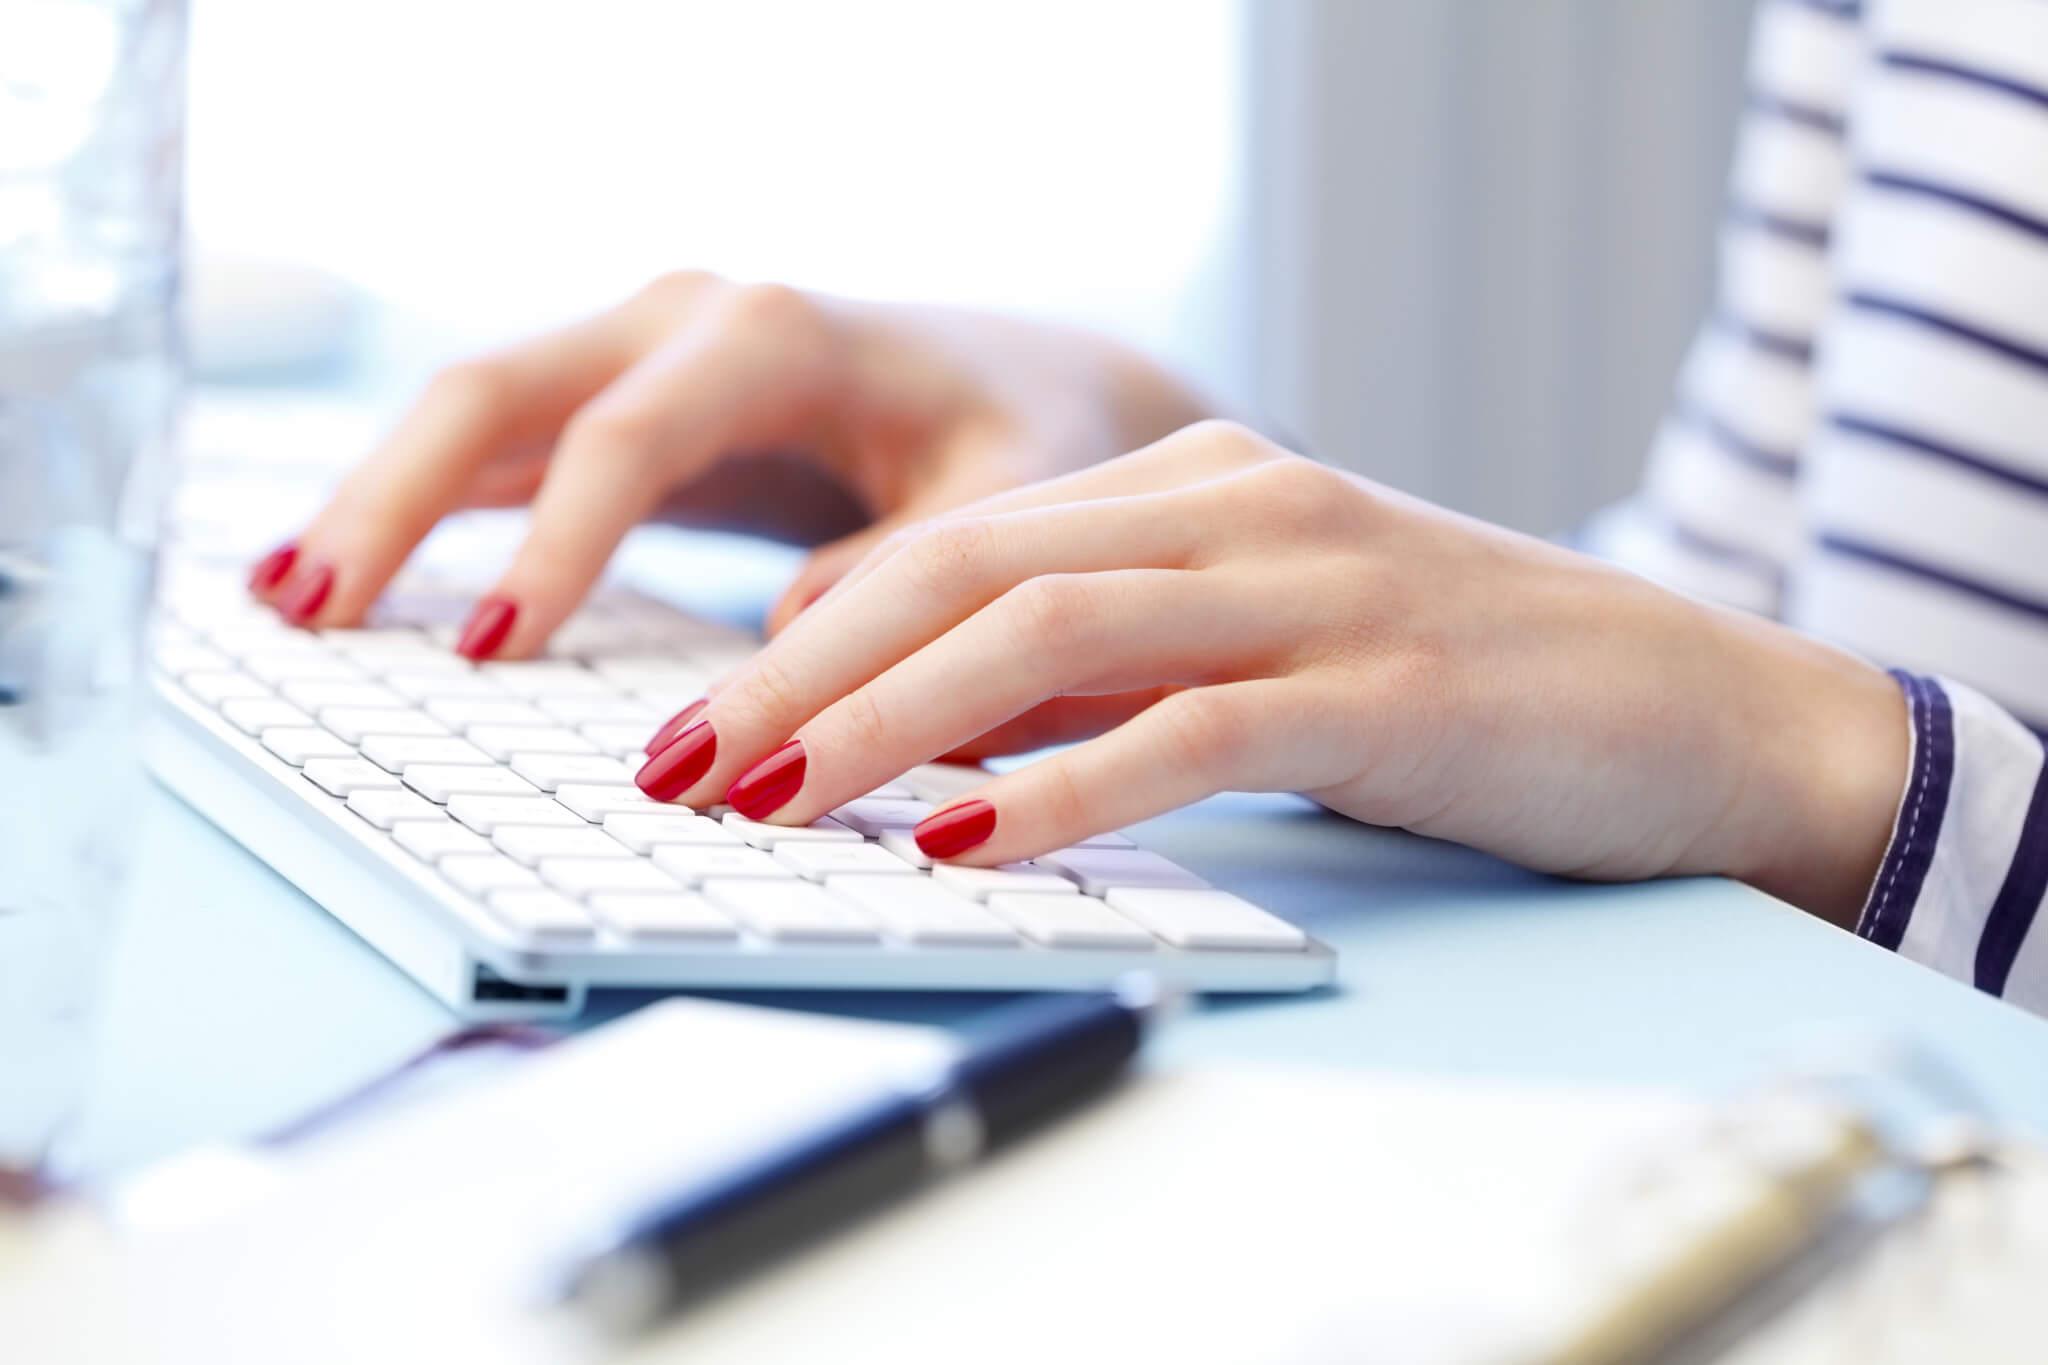 Ett välformulerat pressmeddelande är ofta en förutsättning för att få just din nyhet publicerad i media. Här får du åtta tips på hur du skriver ett.